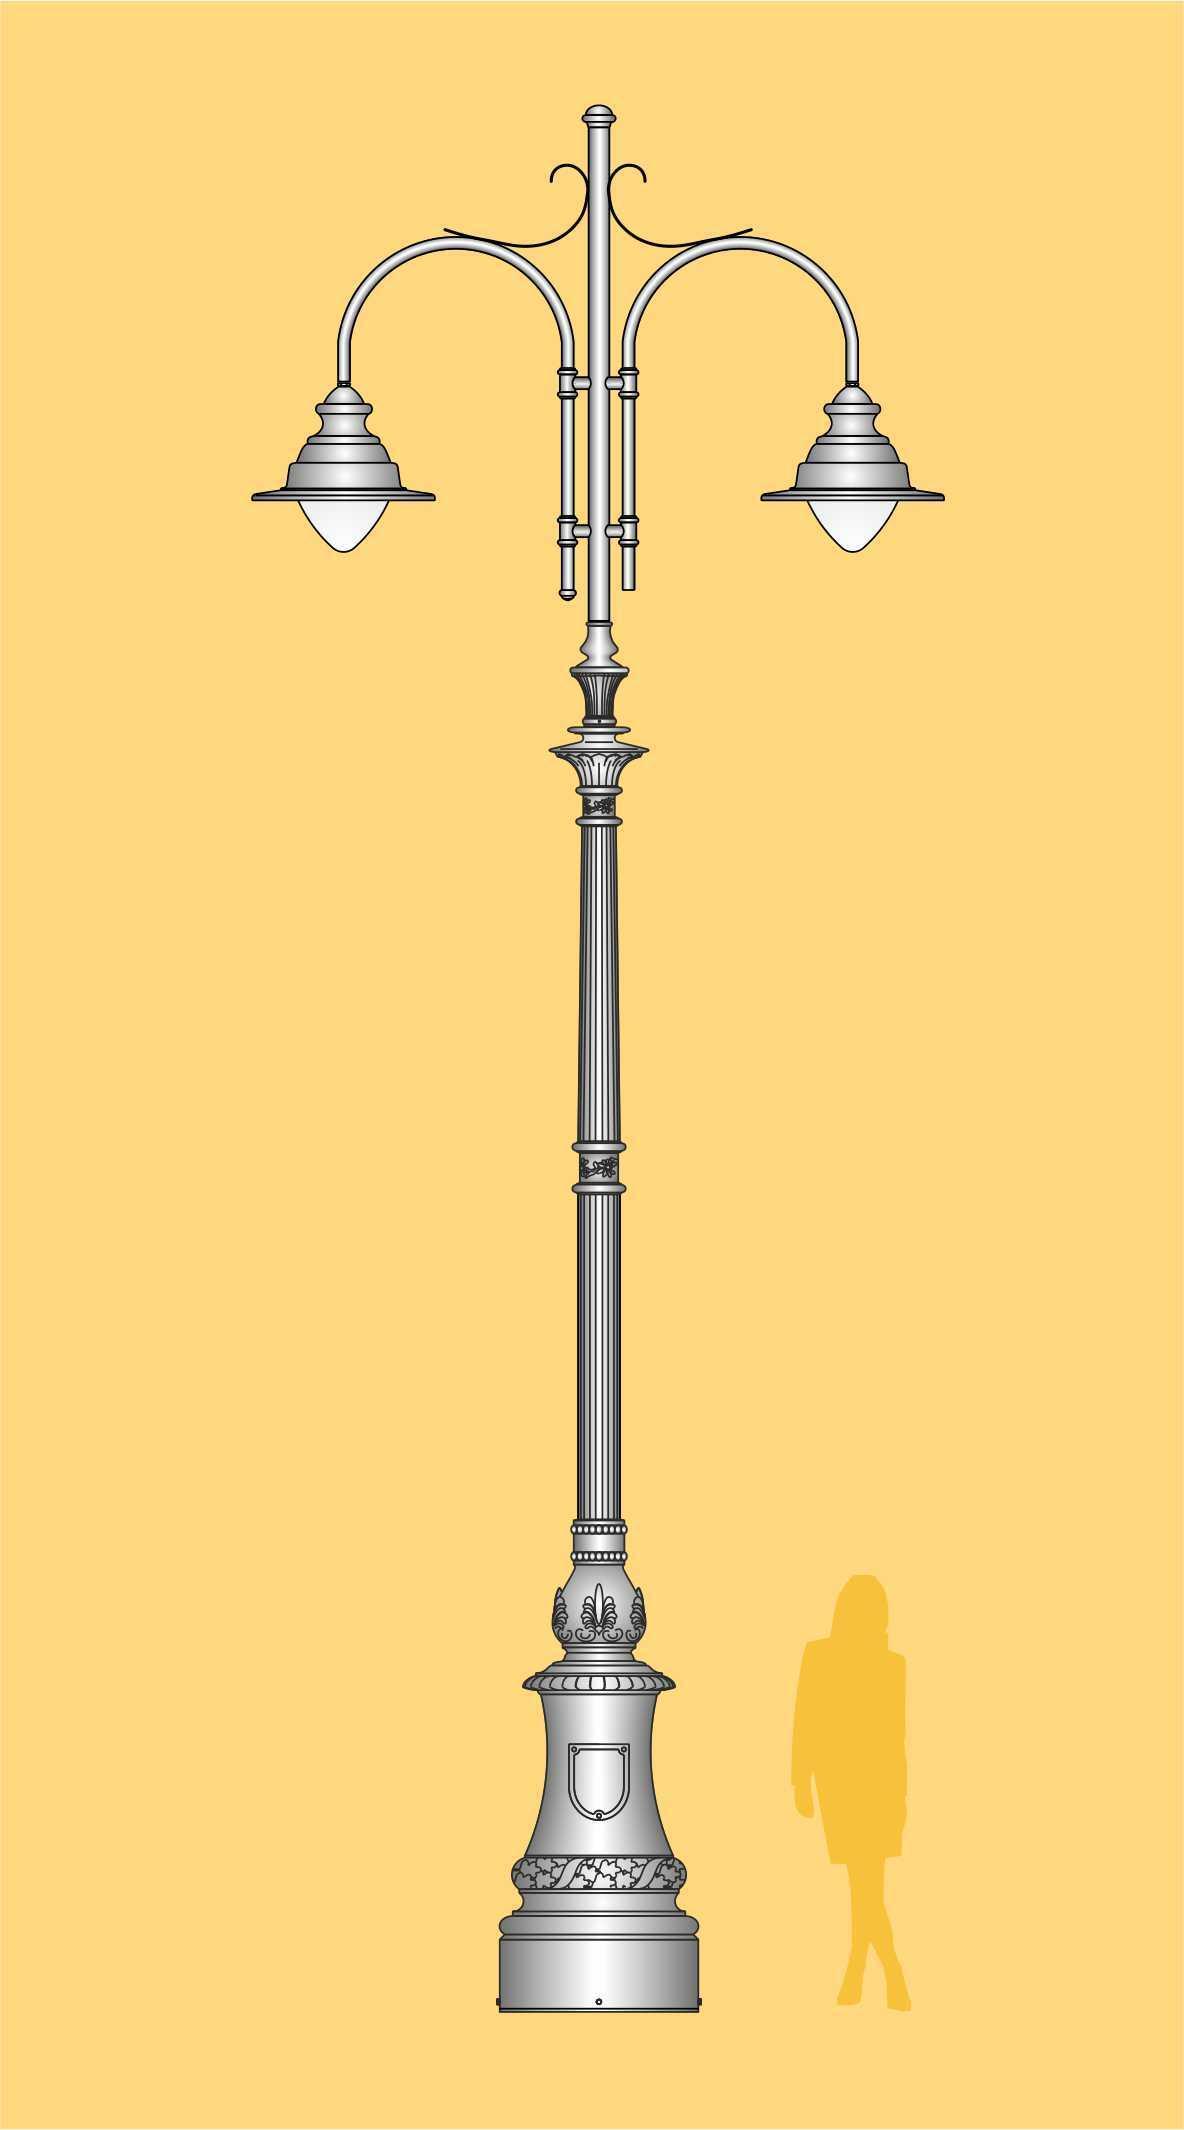 ekskluzywna latarnia miejska, oświetlenie uliczne, oprawy LED, klasyczne latarnie